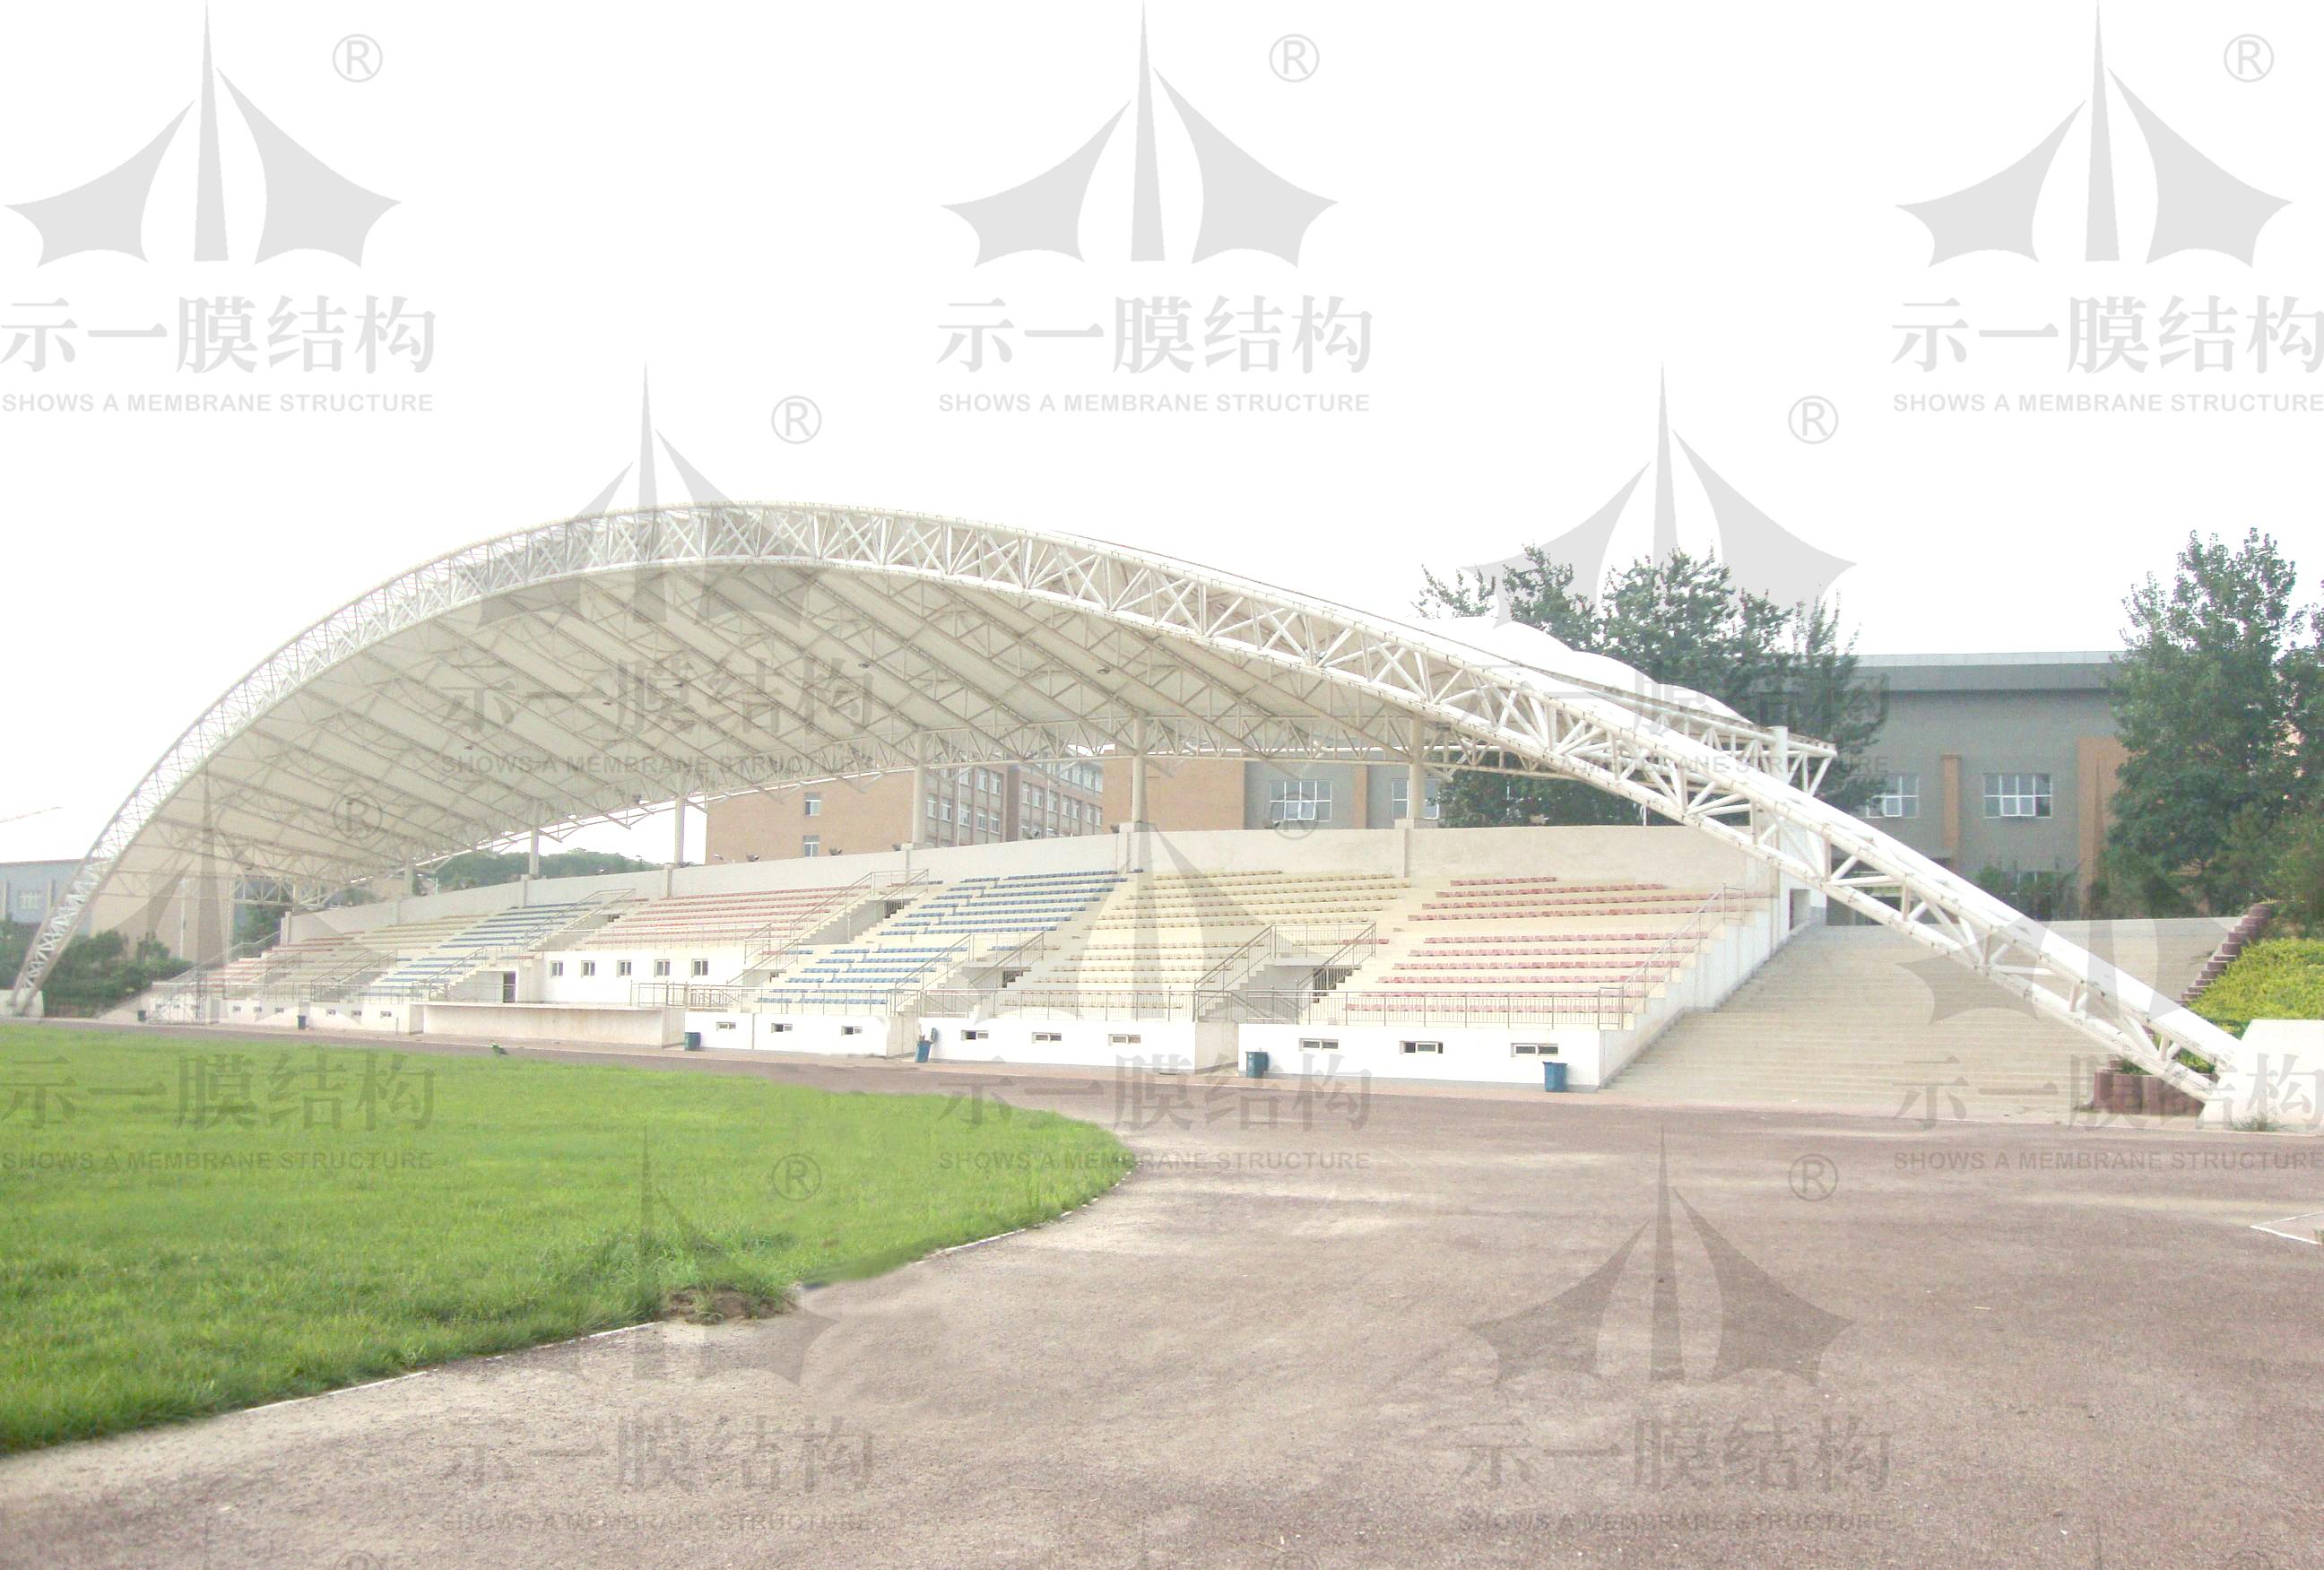 上海示一膜结构体育看台膜结构